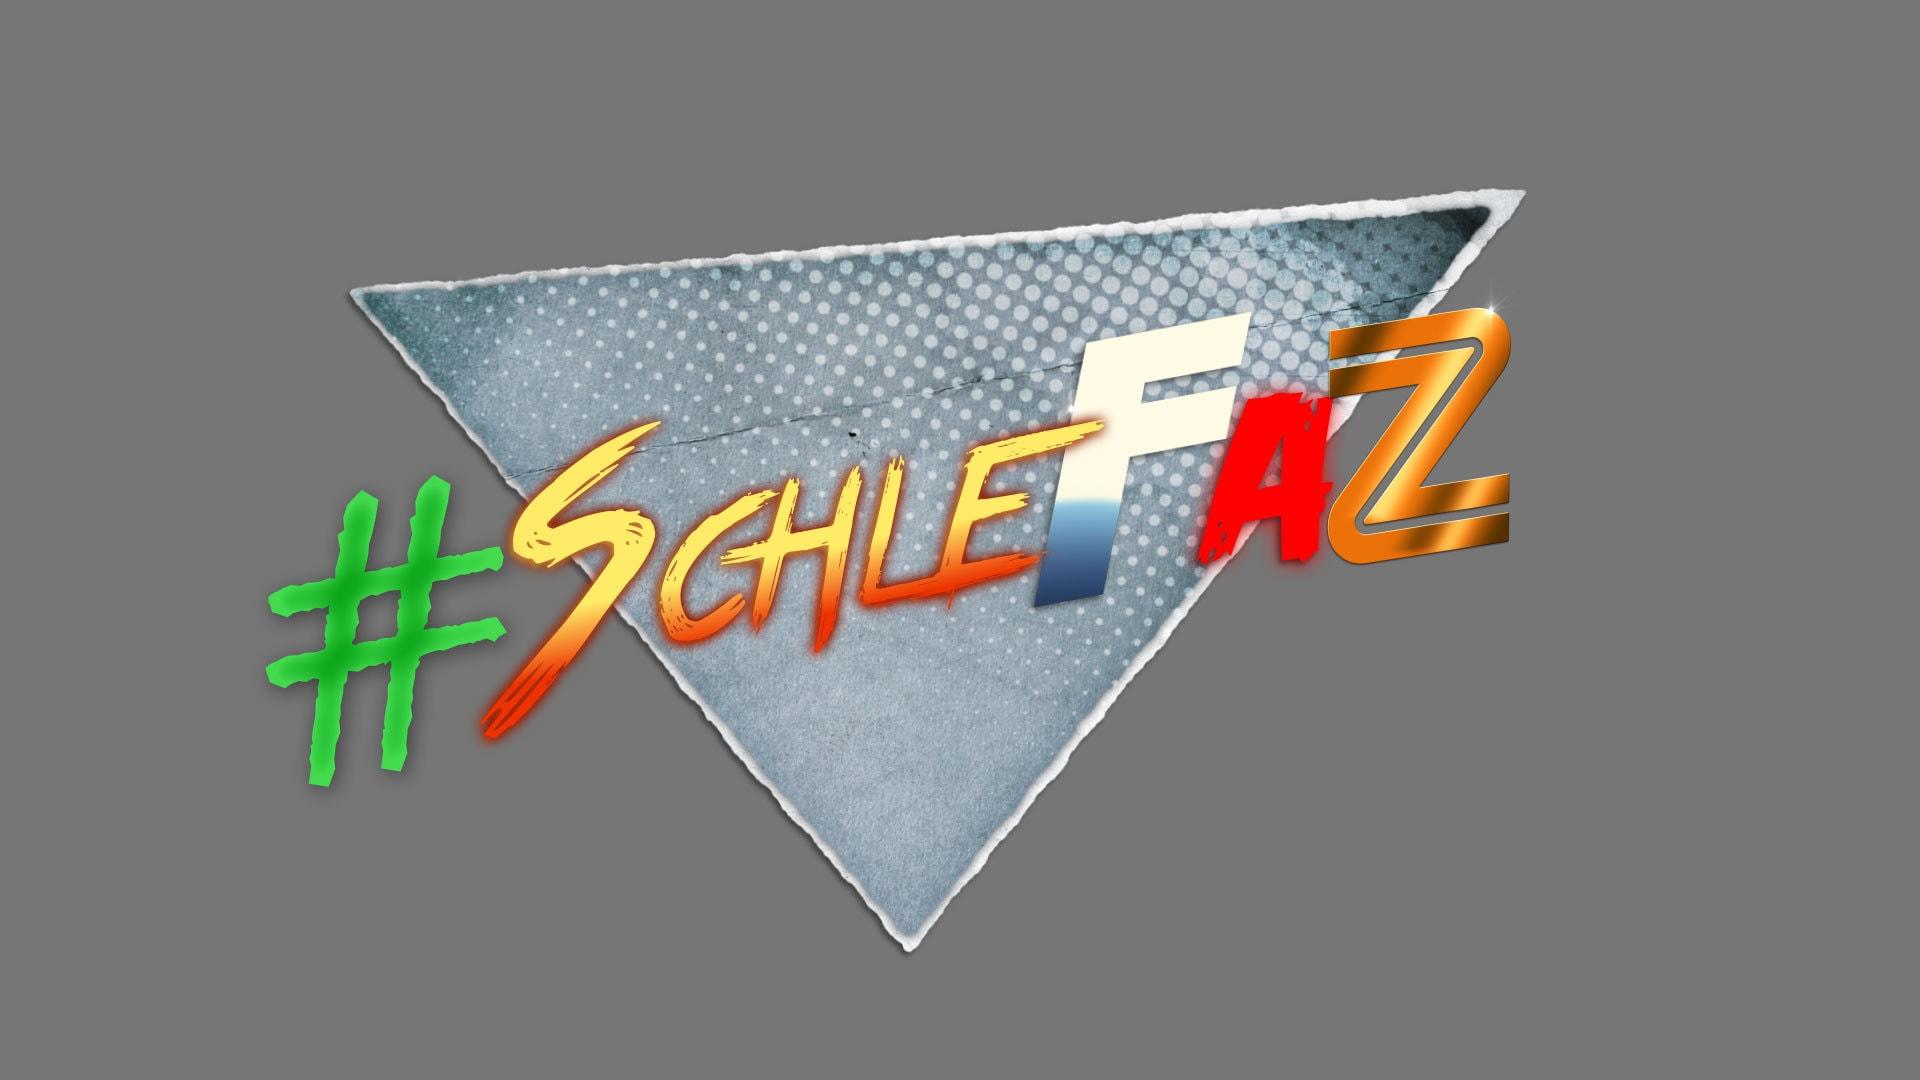 SchleFaZ: Die schlechtesten Filme aller Zeiten auf TELE 5